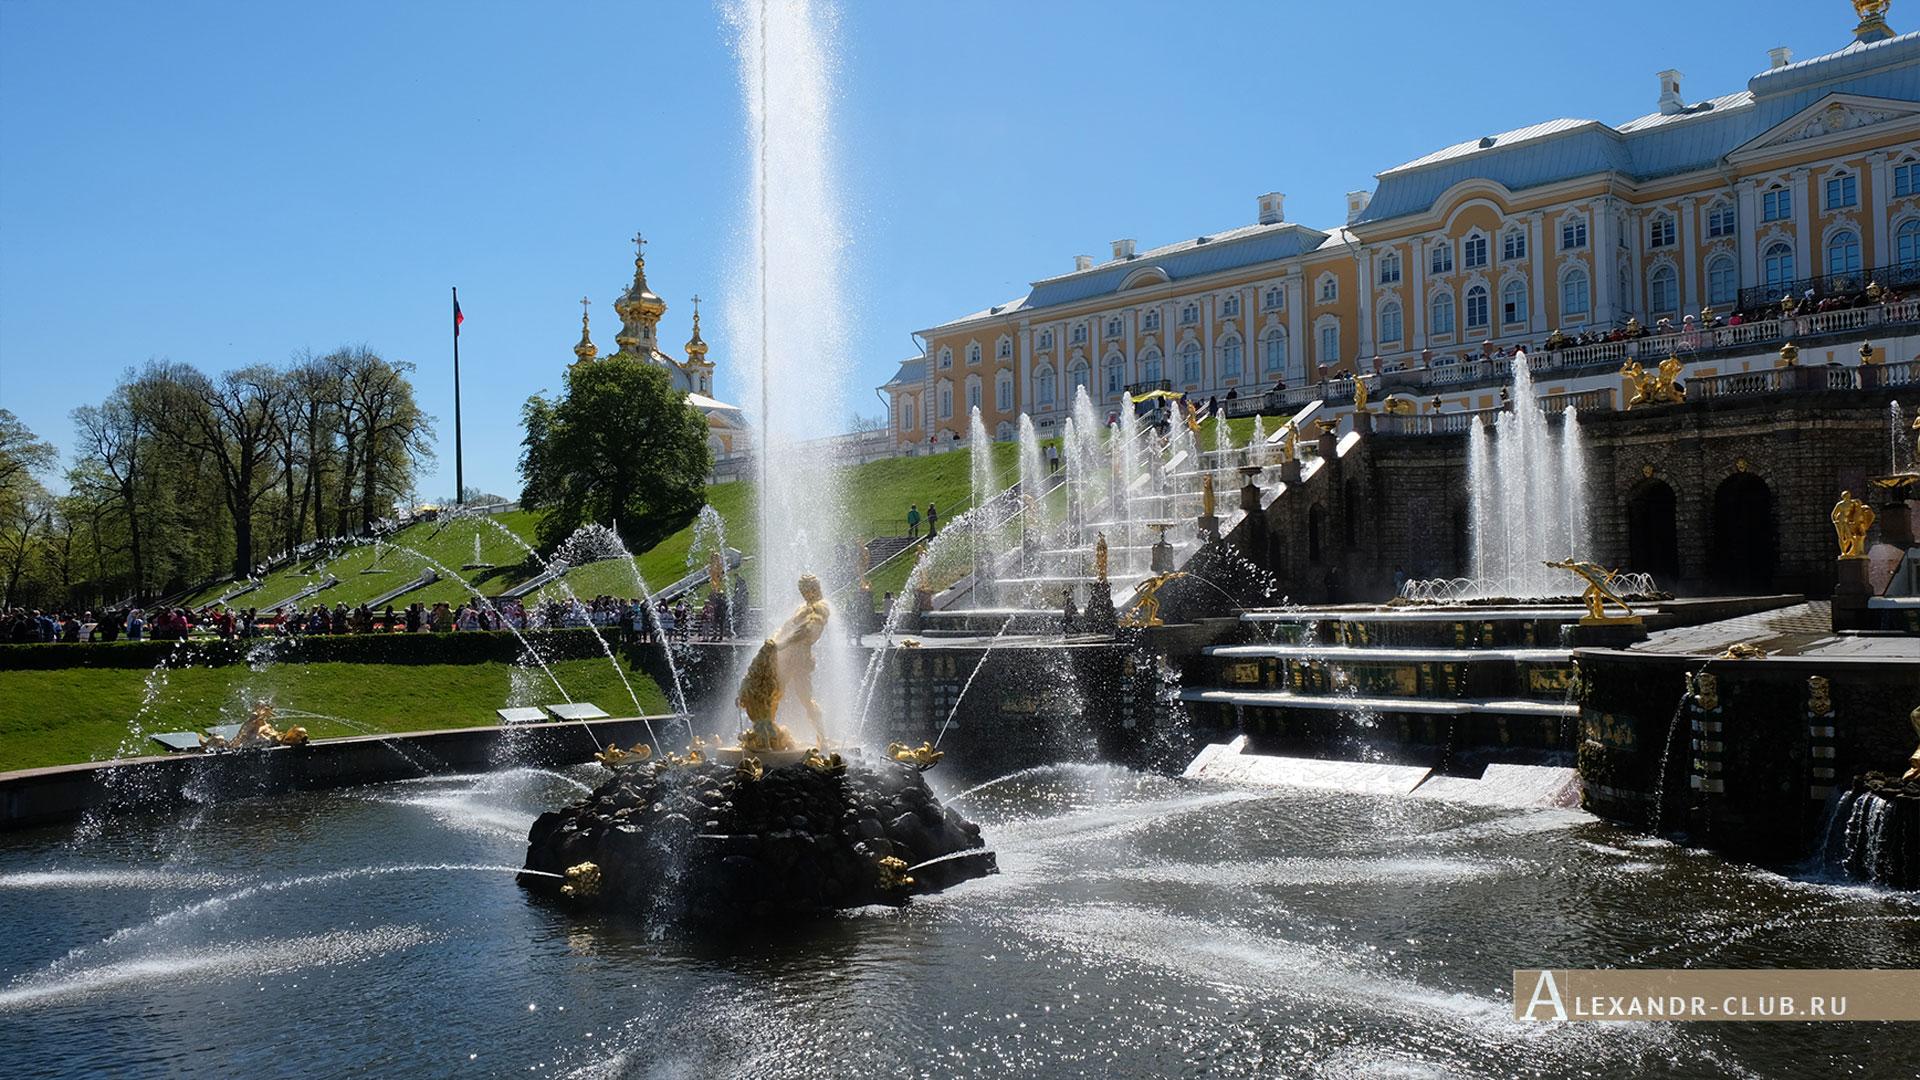 Петергоф, весна, Нижний парк, фонтан «Большой каскад», фонтан «Самсон», Большой петергофский дворец